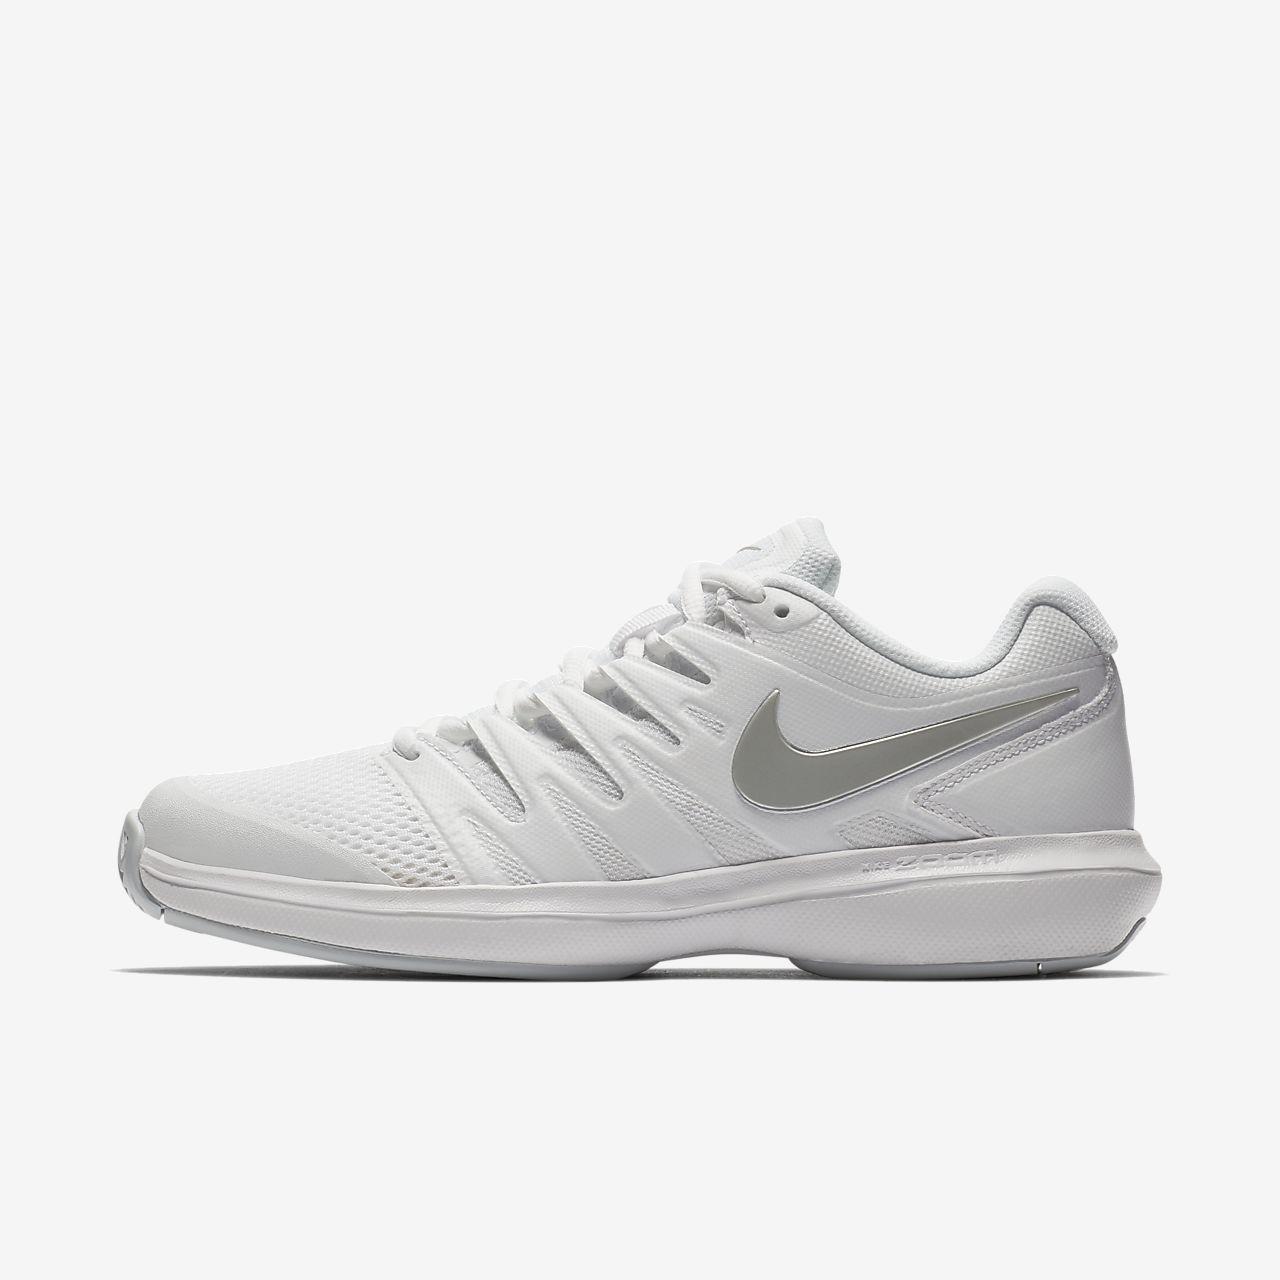 NikeCourt Zoom Vapor 9.5 Tour Women's Tennis Shoe White EZ2144080